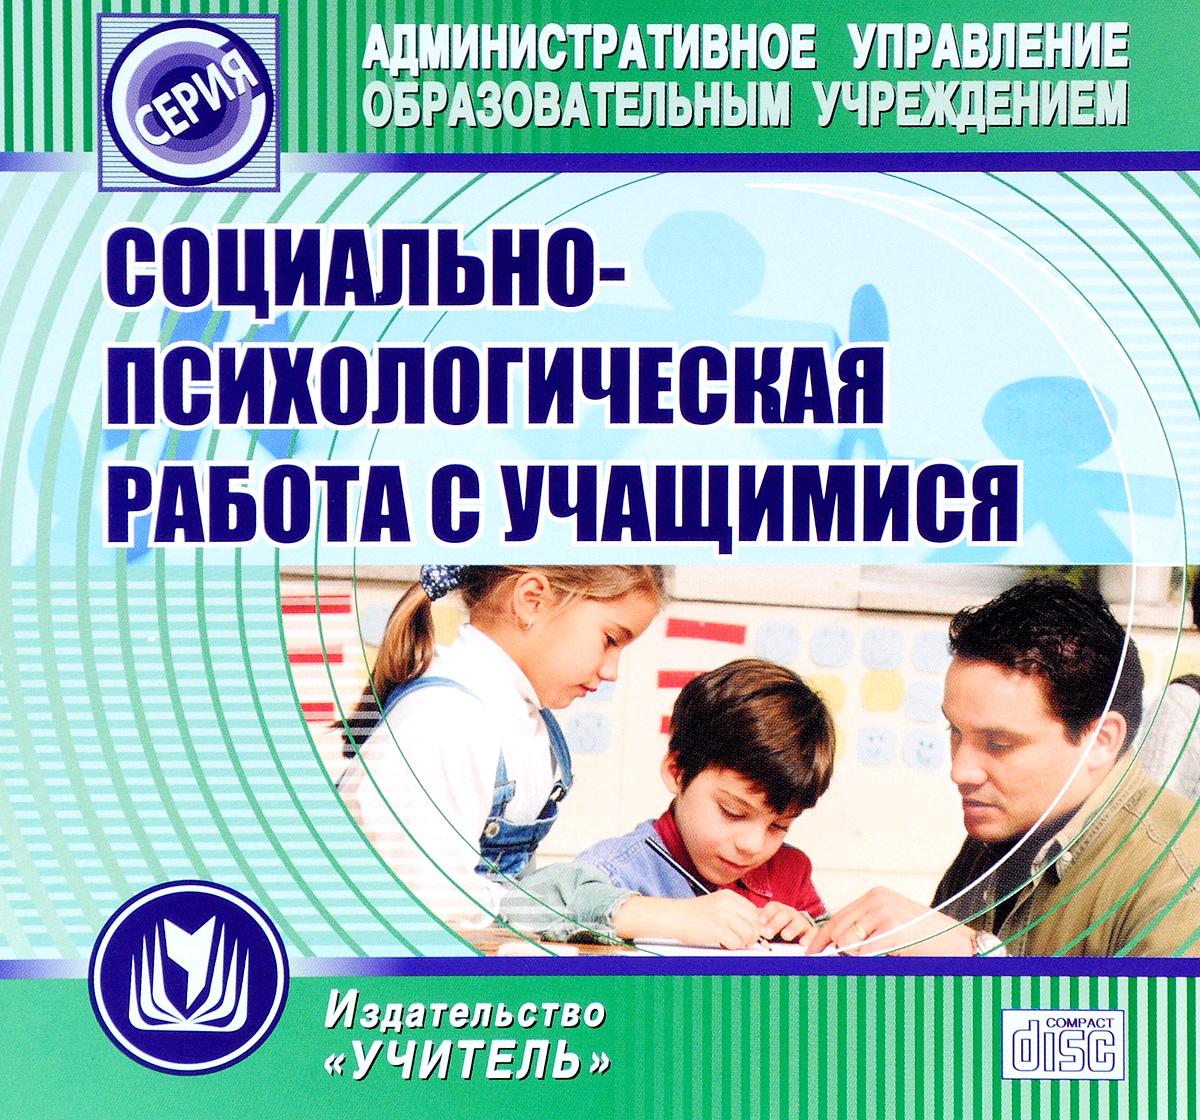 Социально-психологическая работа с учащимися